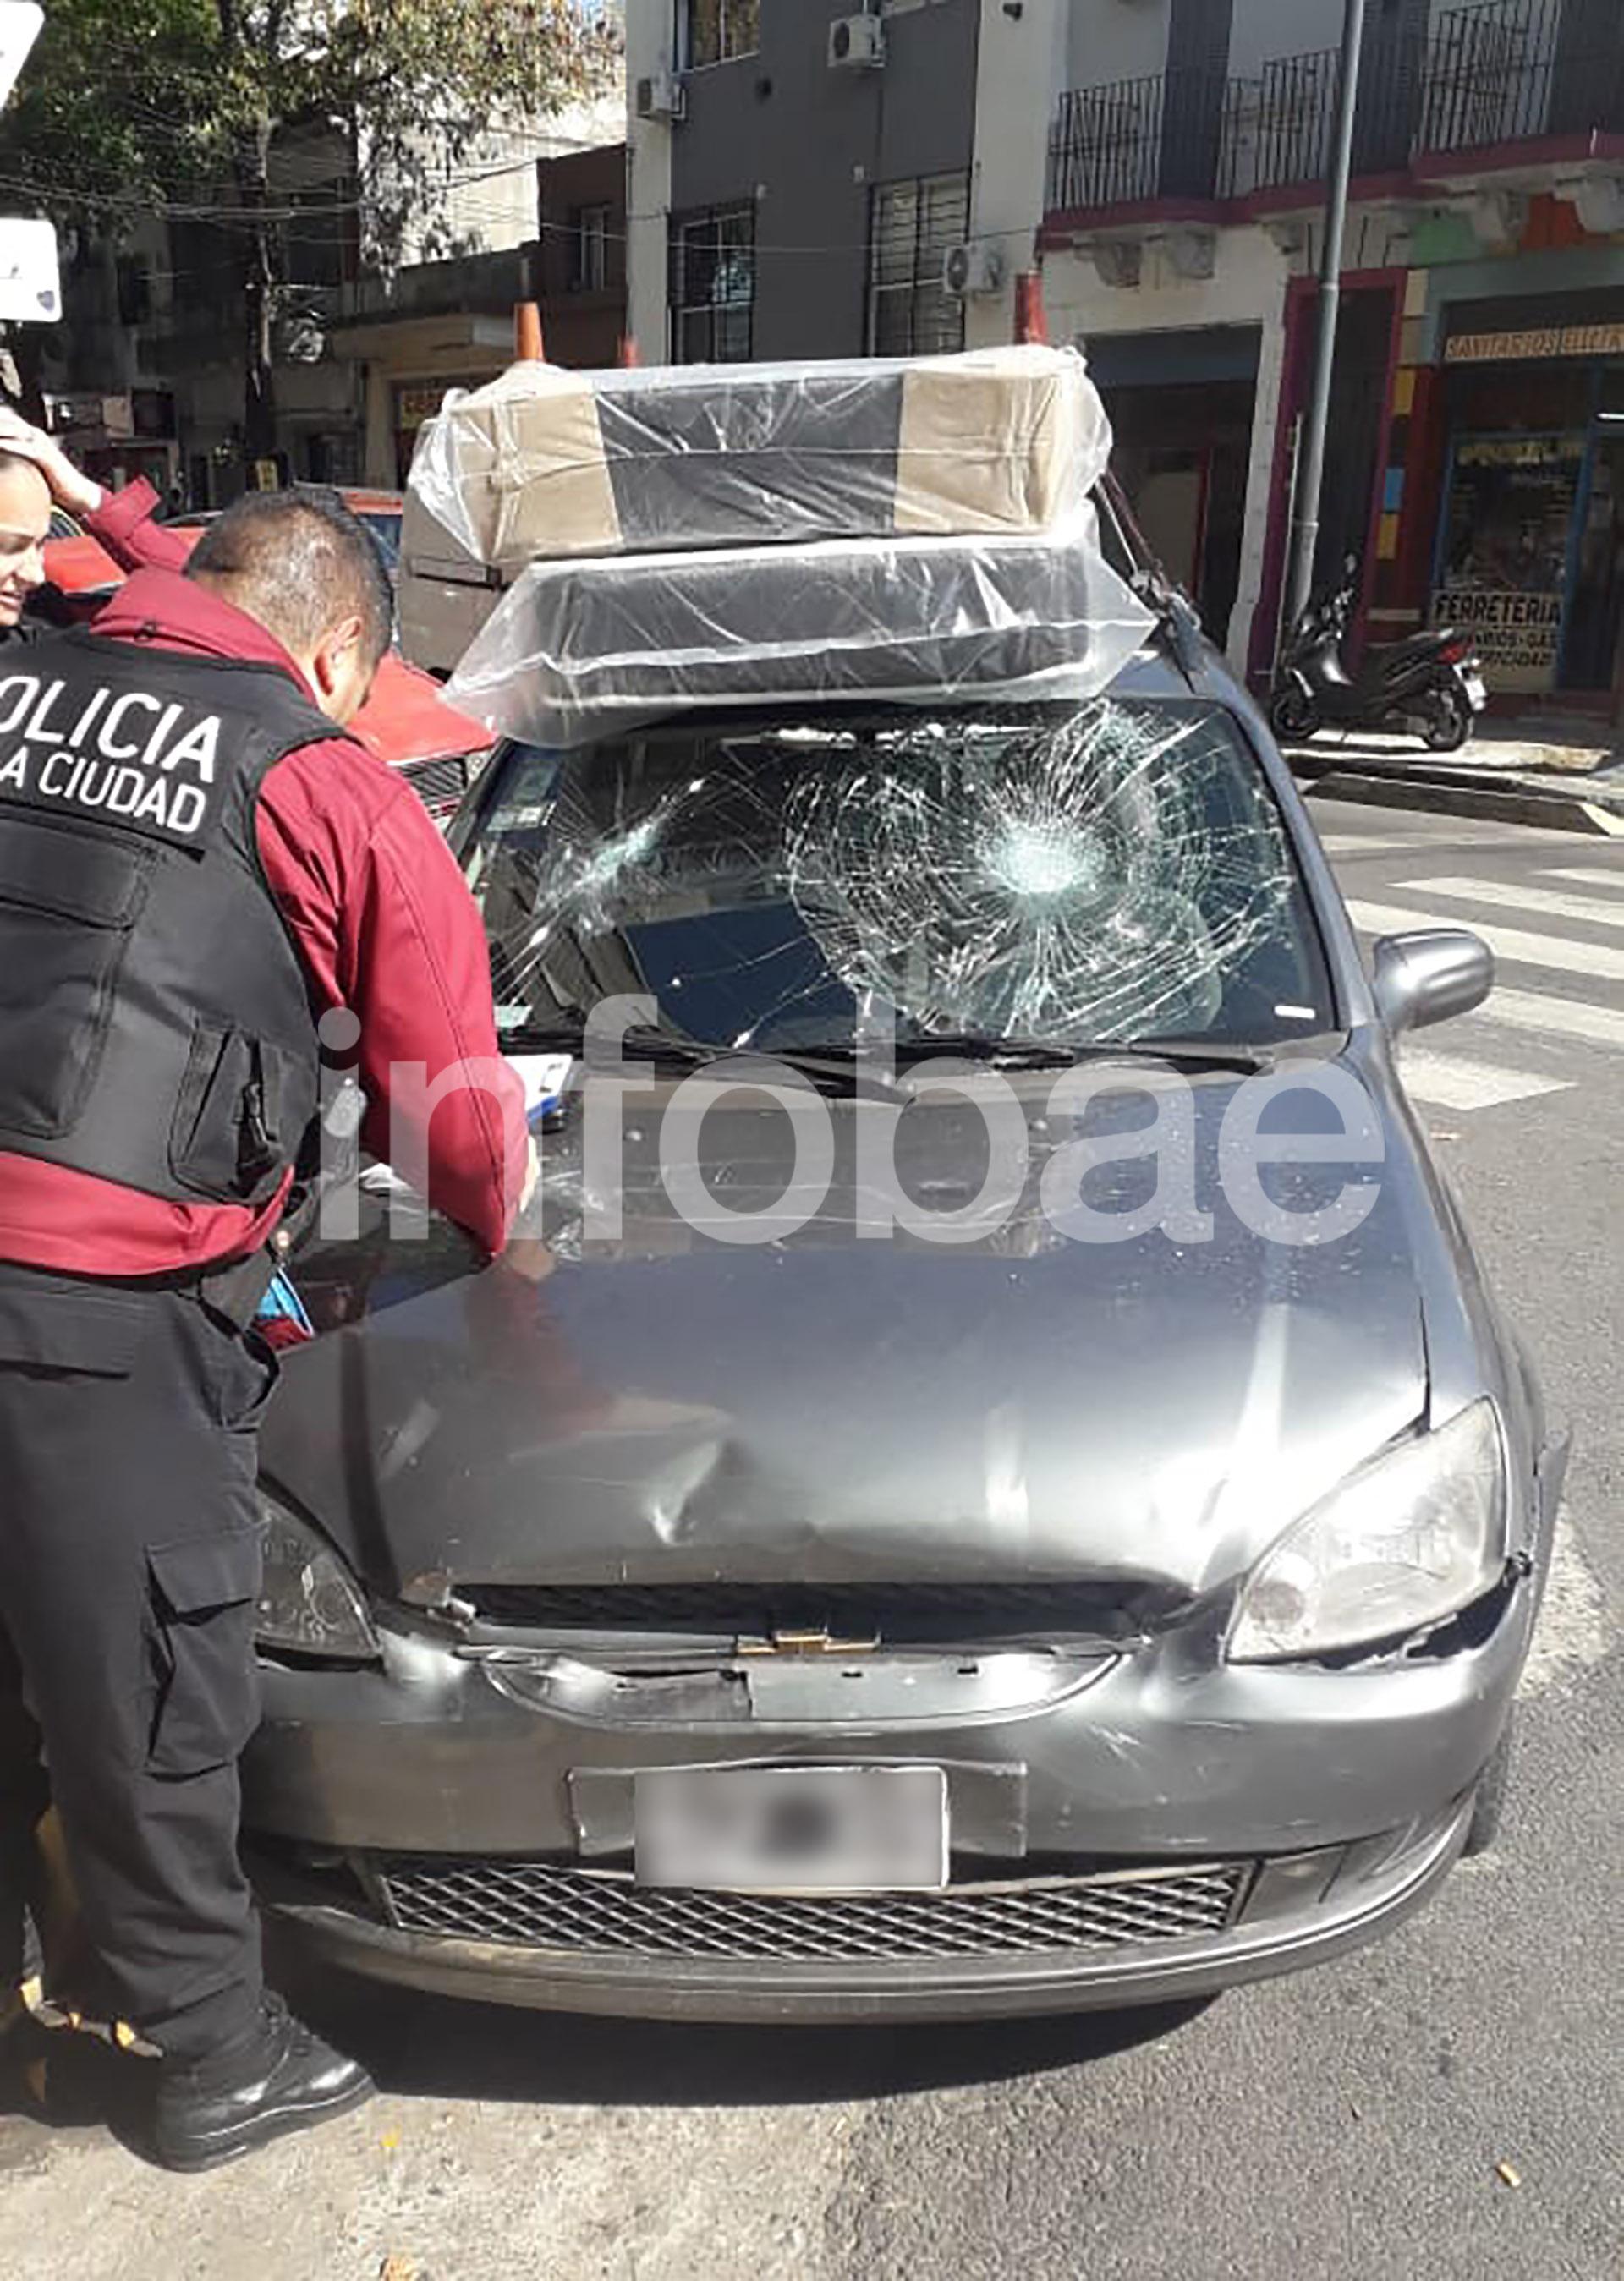 Destrucción: así quedó el Chevrolet Corsa del hombre al que atacó Rimolo.